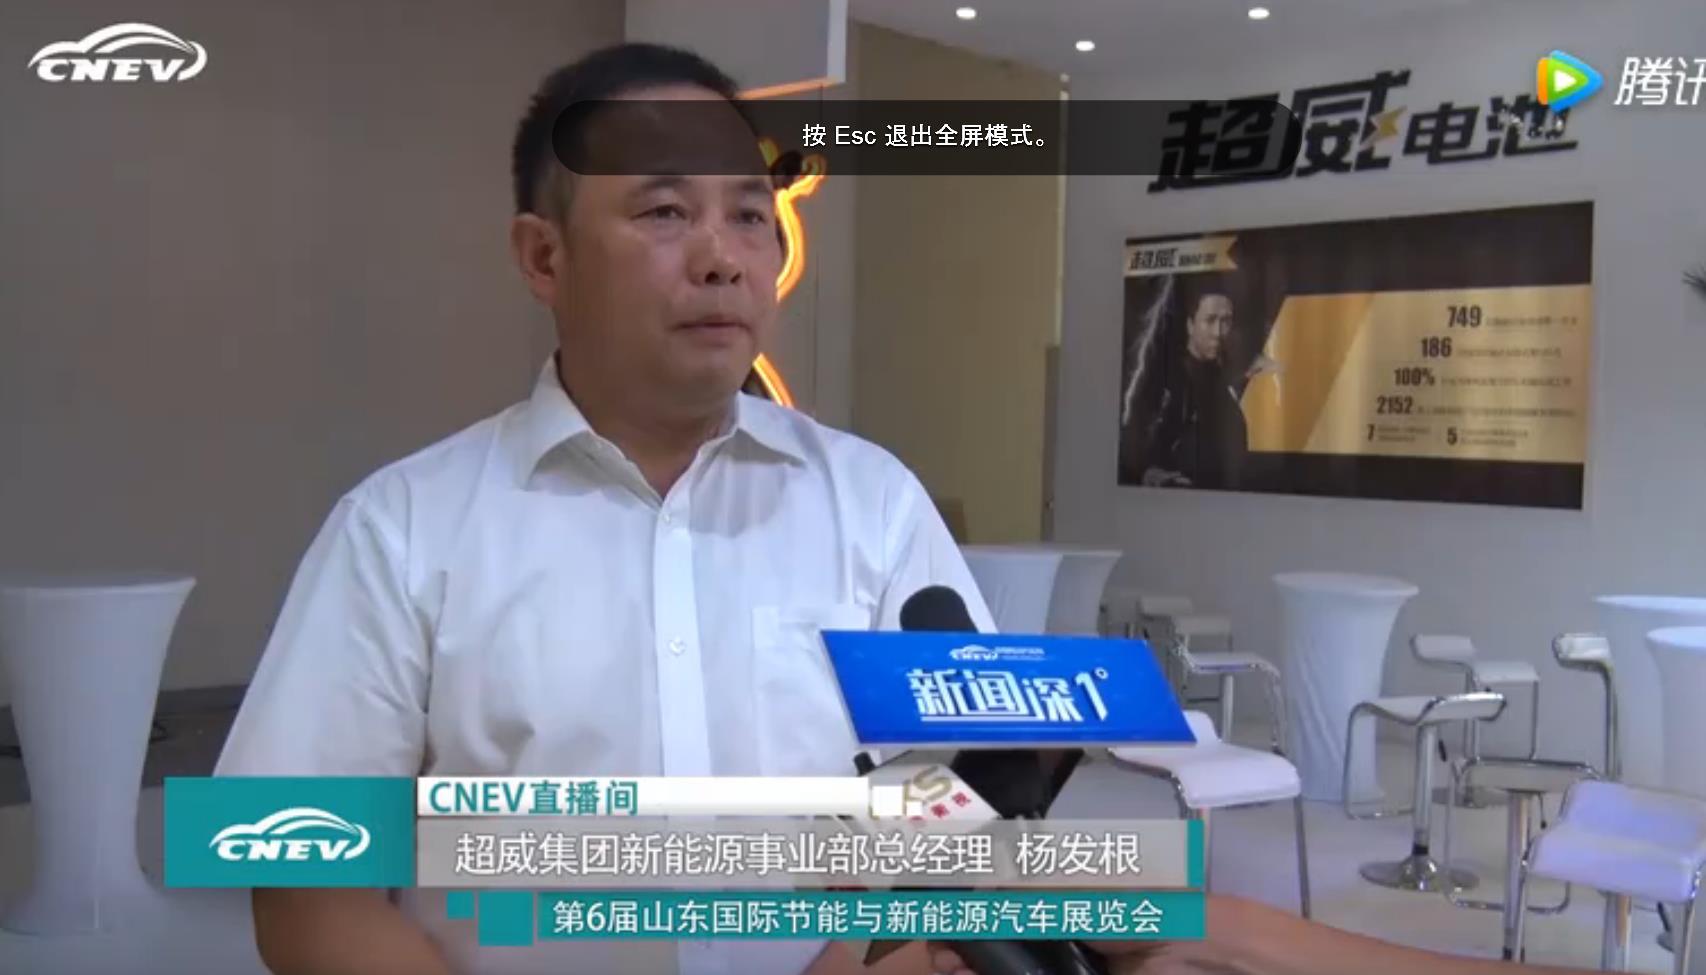 【直击济南展】CNEV专访超威集团杨发根